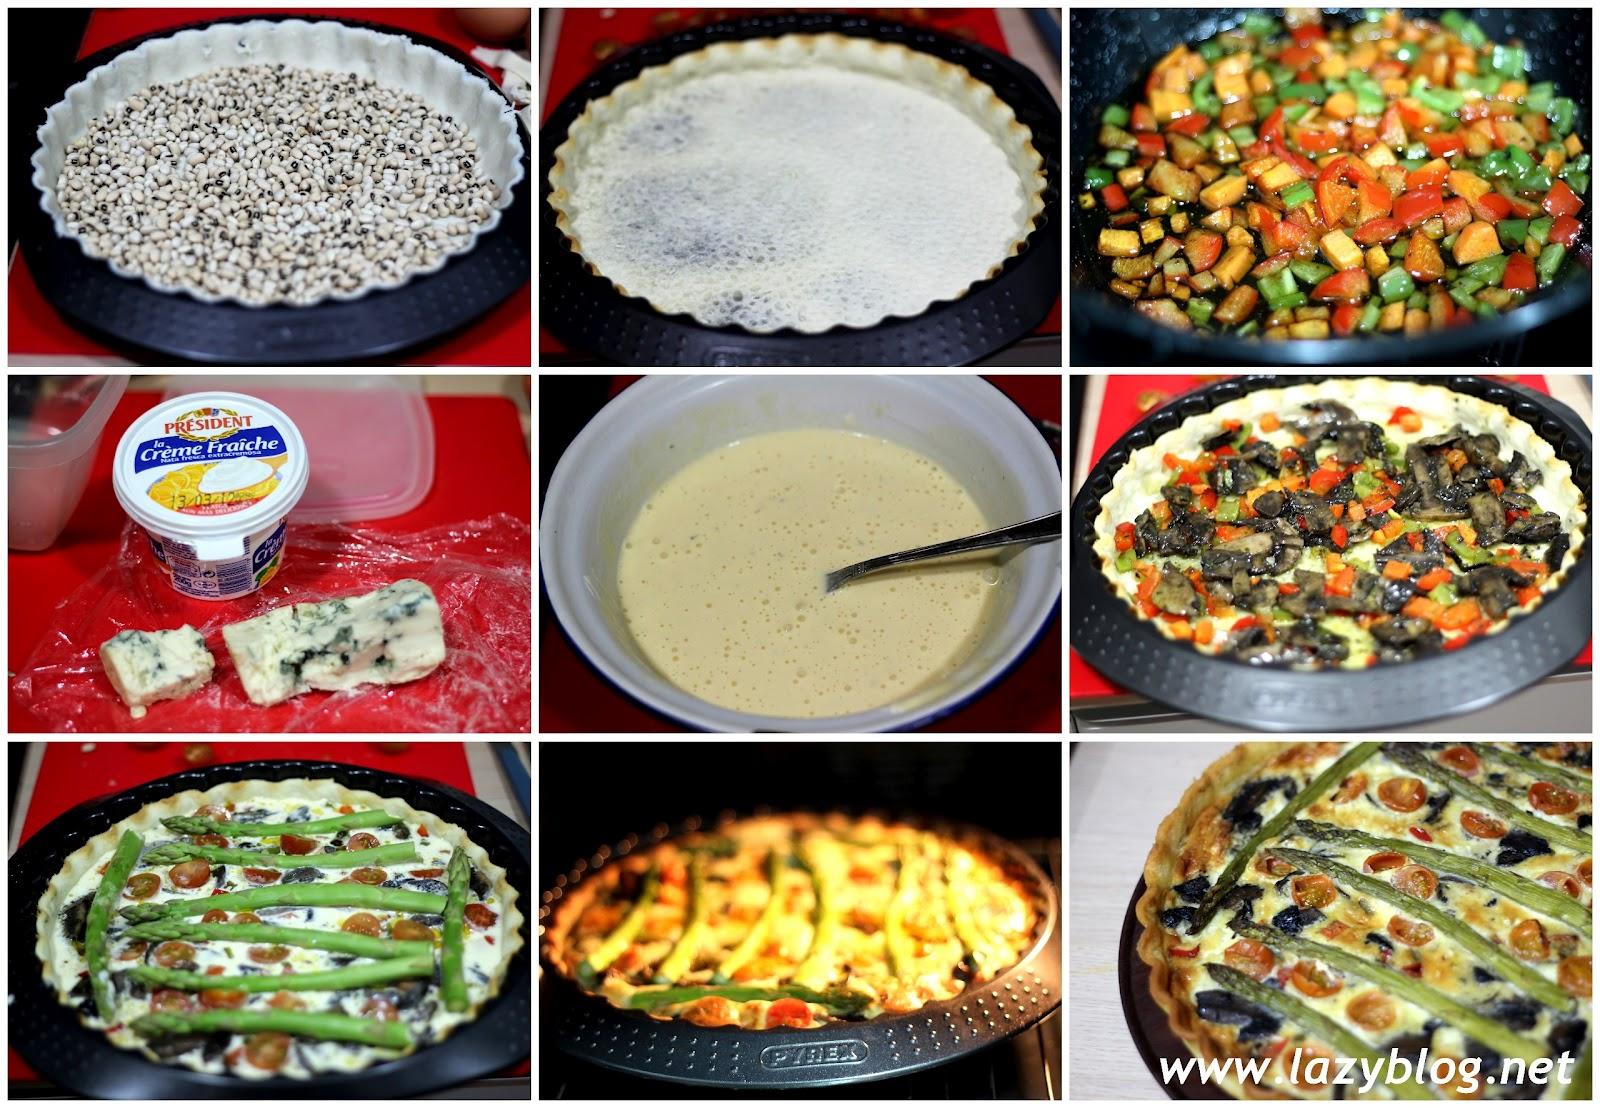 Lazy blog tarta de verduras al horno - Verduras rellenas al horno ...